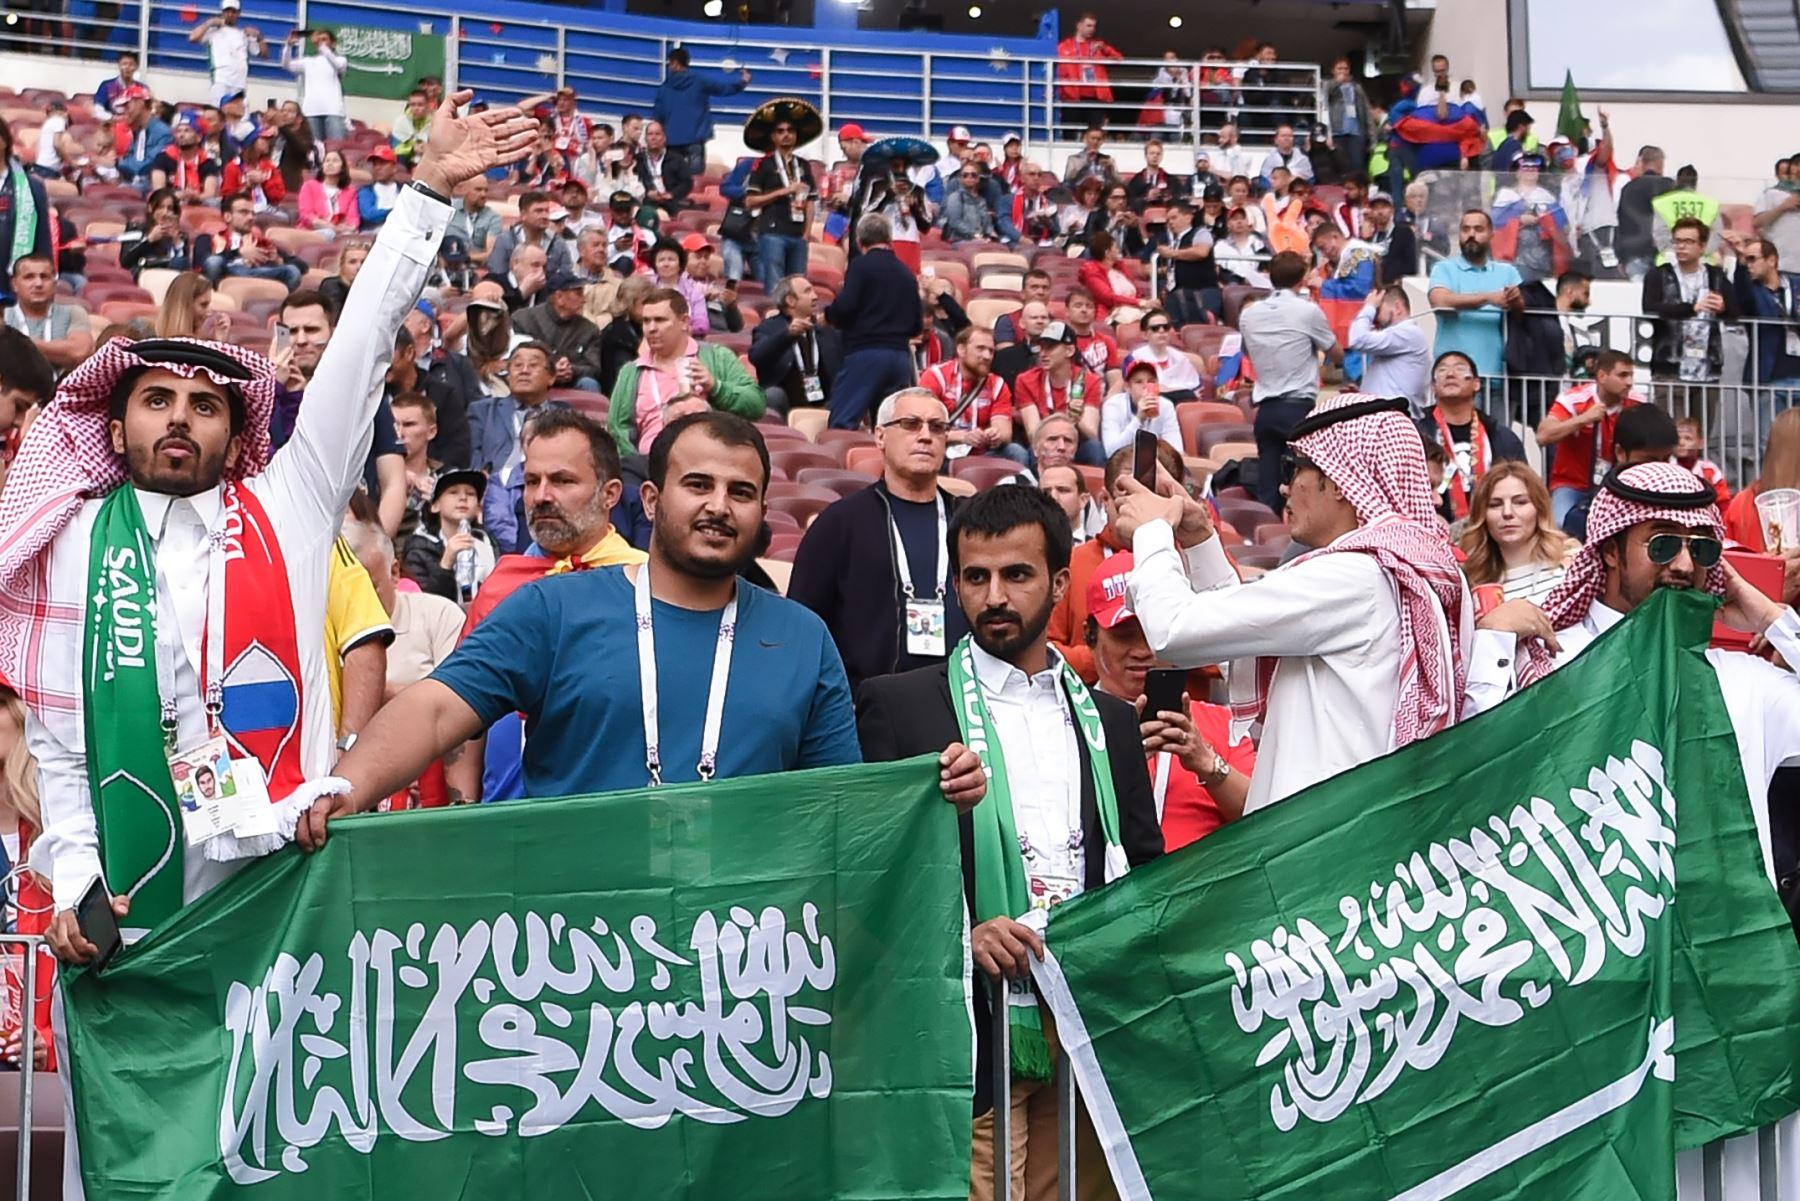 Los fanáticos de Arabia Saudita esperan el comienzo del partido de fútbol Rusia A del Grupo A de la Copa Mundial 2018 entre Rusia y Arabia Saudita en el Estadio Luzhniki. Foto: AFP